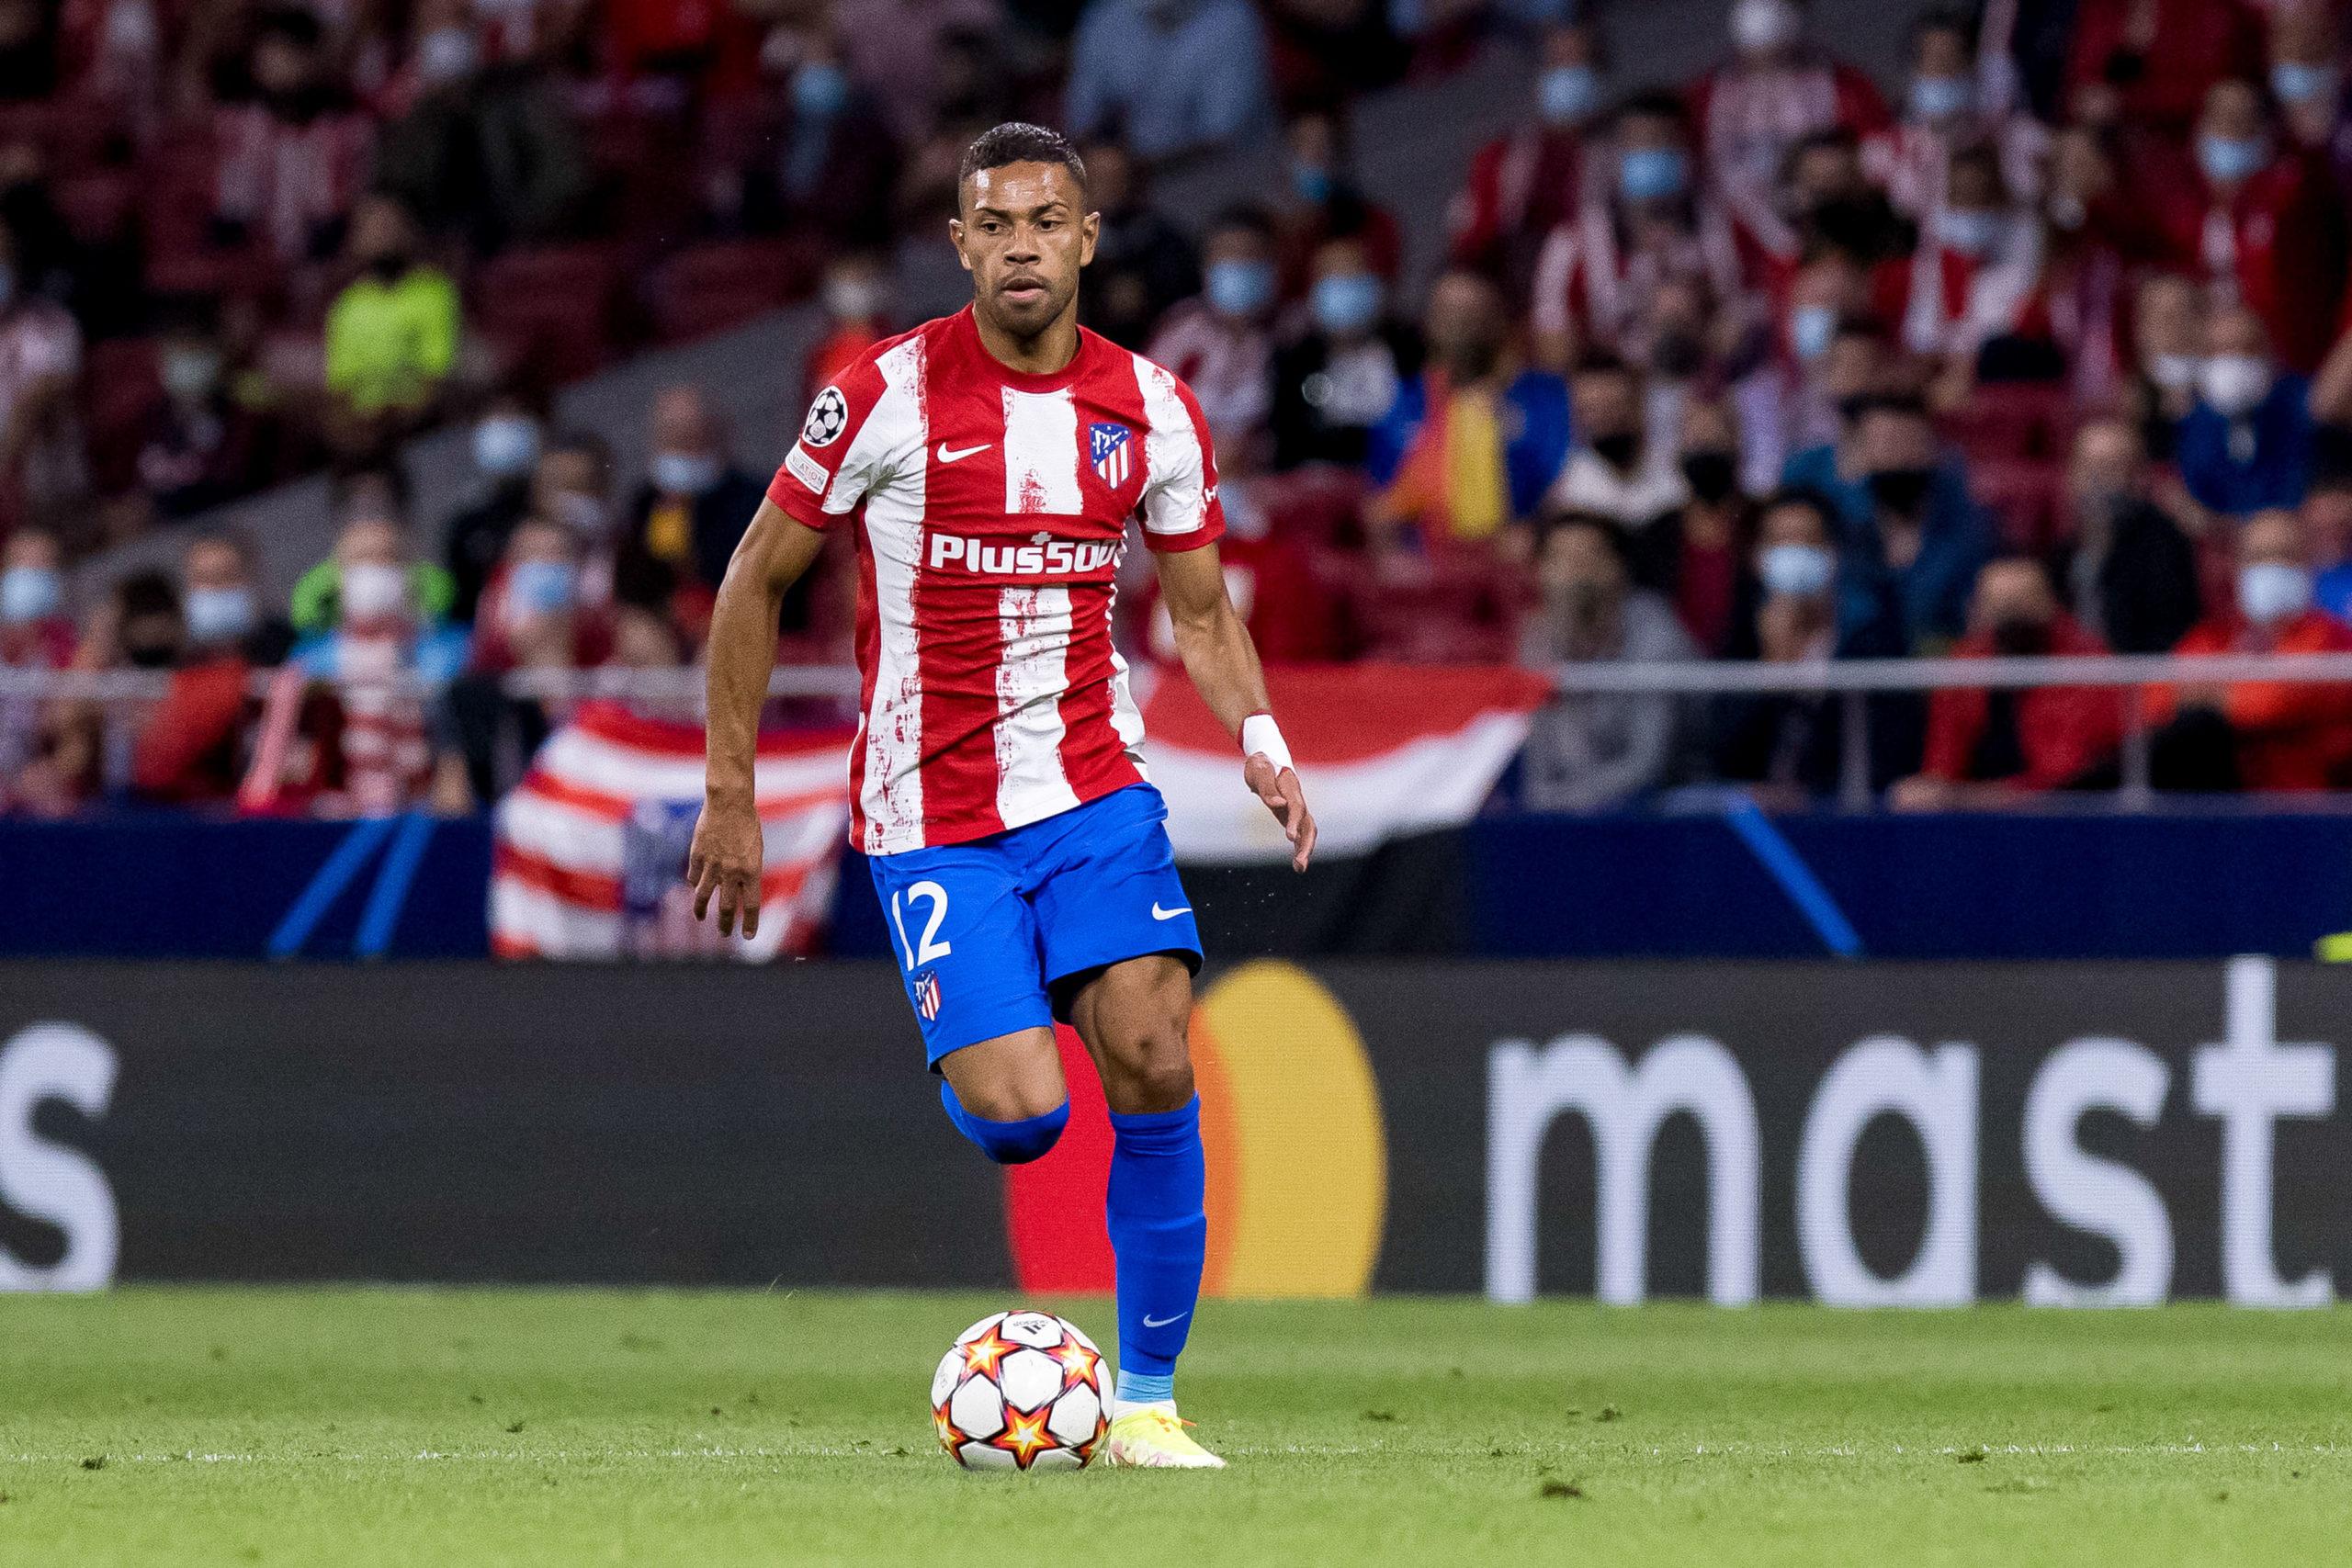 Mercato OM : Un défenseur de l'Atlético Madrid pour concurrencer Amavi ?